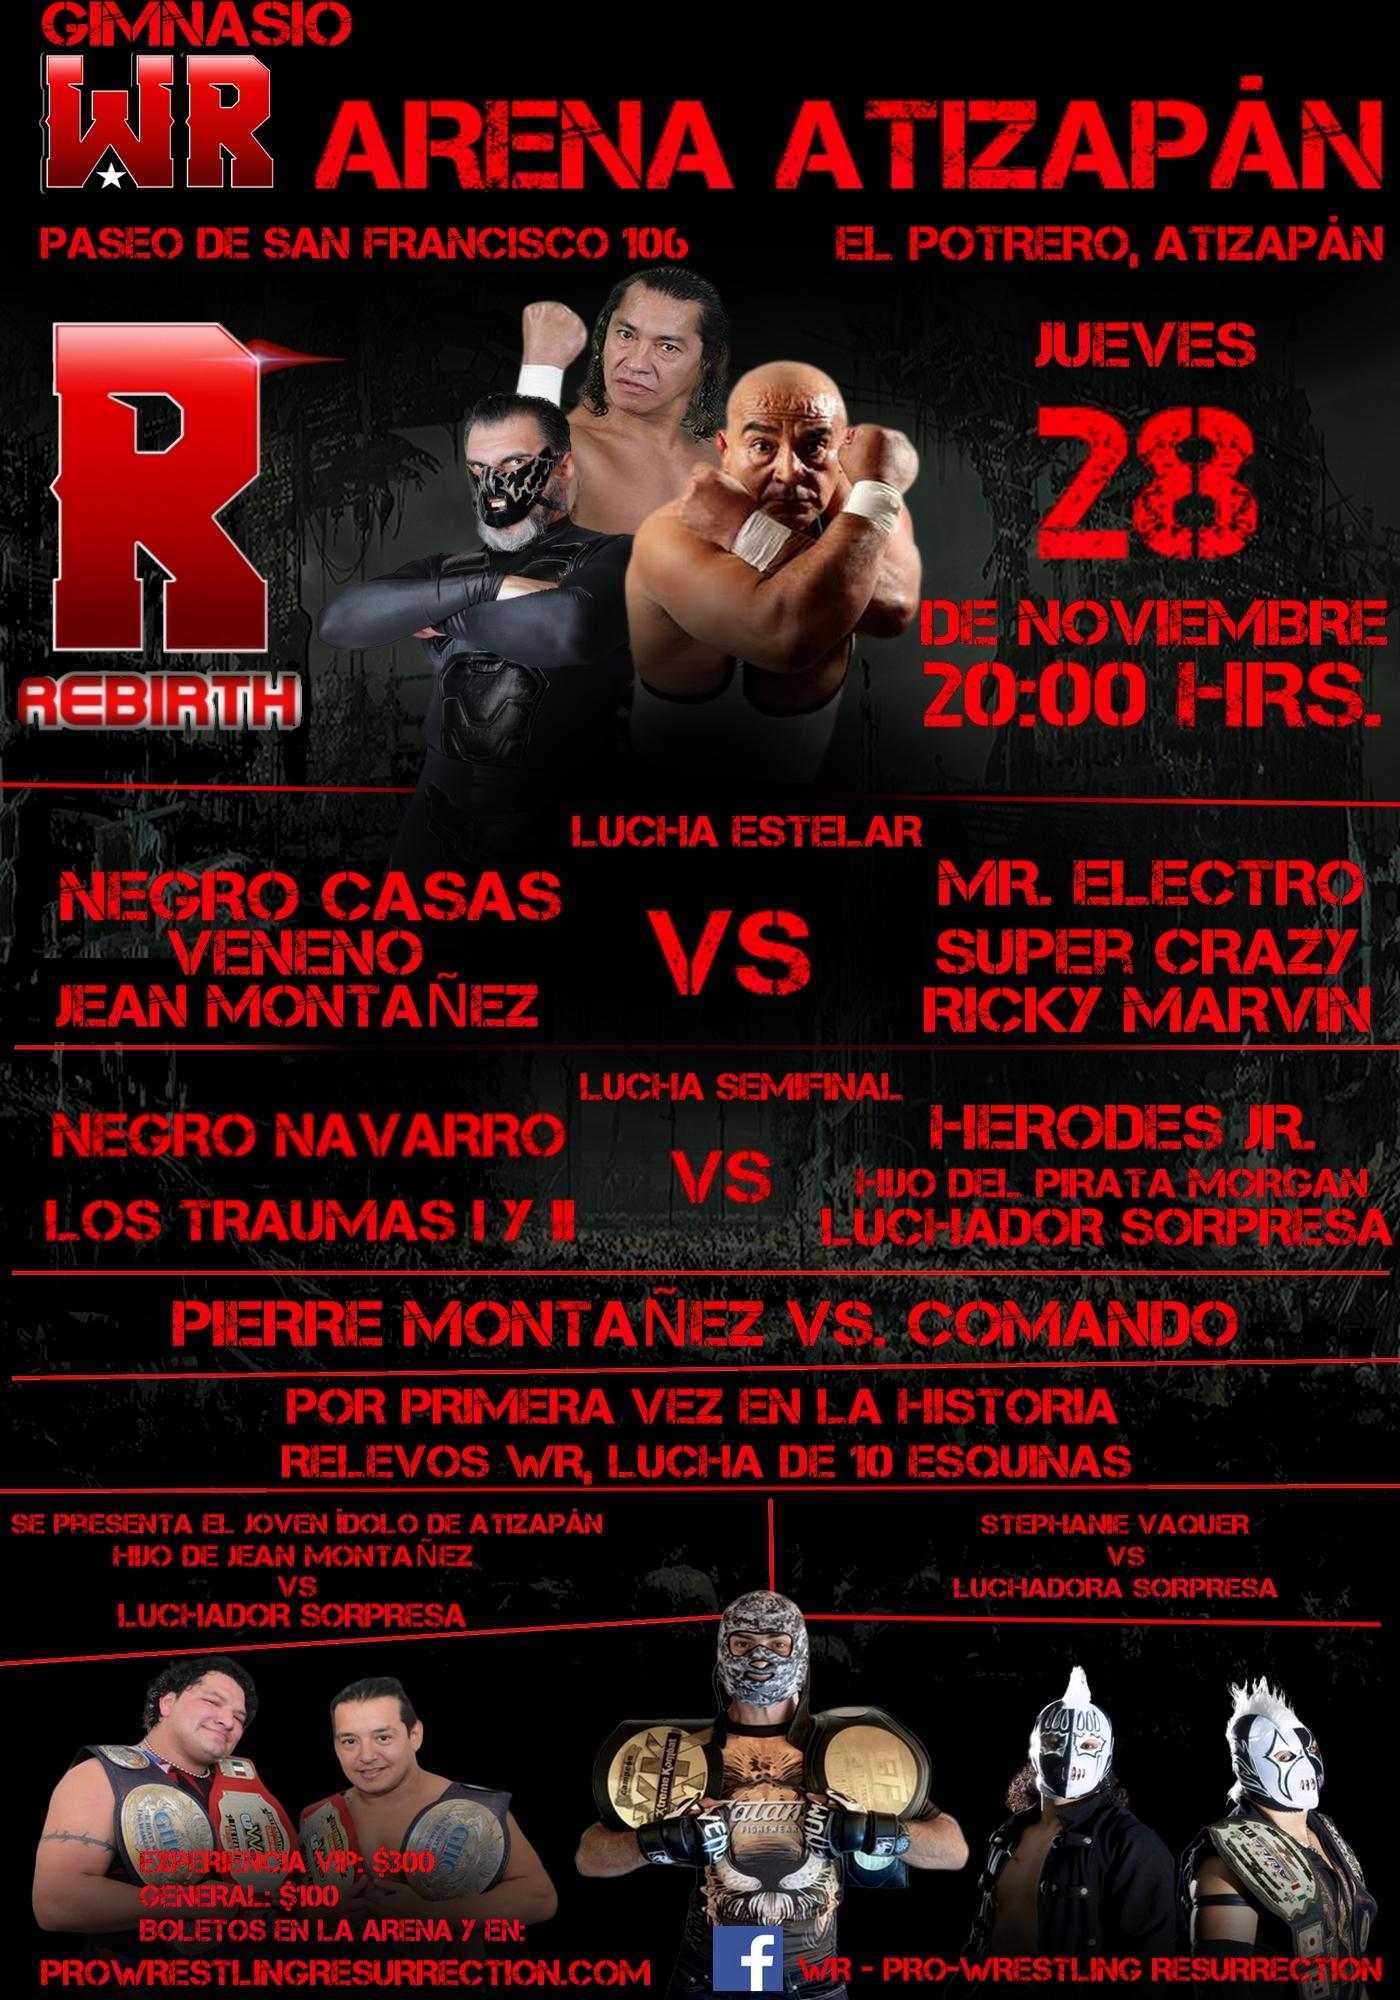 Negro Casas estará presente en la inauguración de la nueva casa de la lucha libre en Atizapan 1